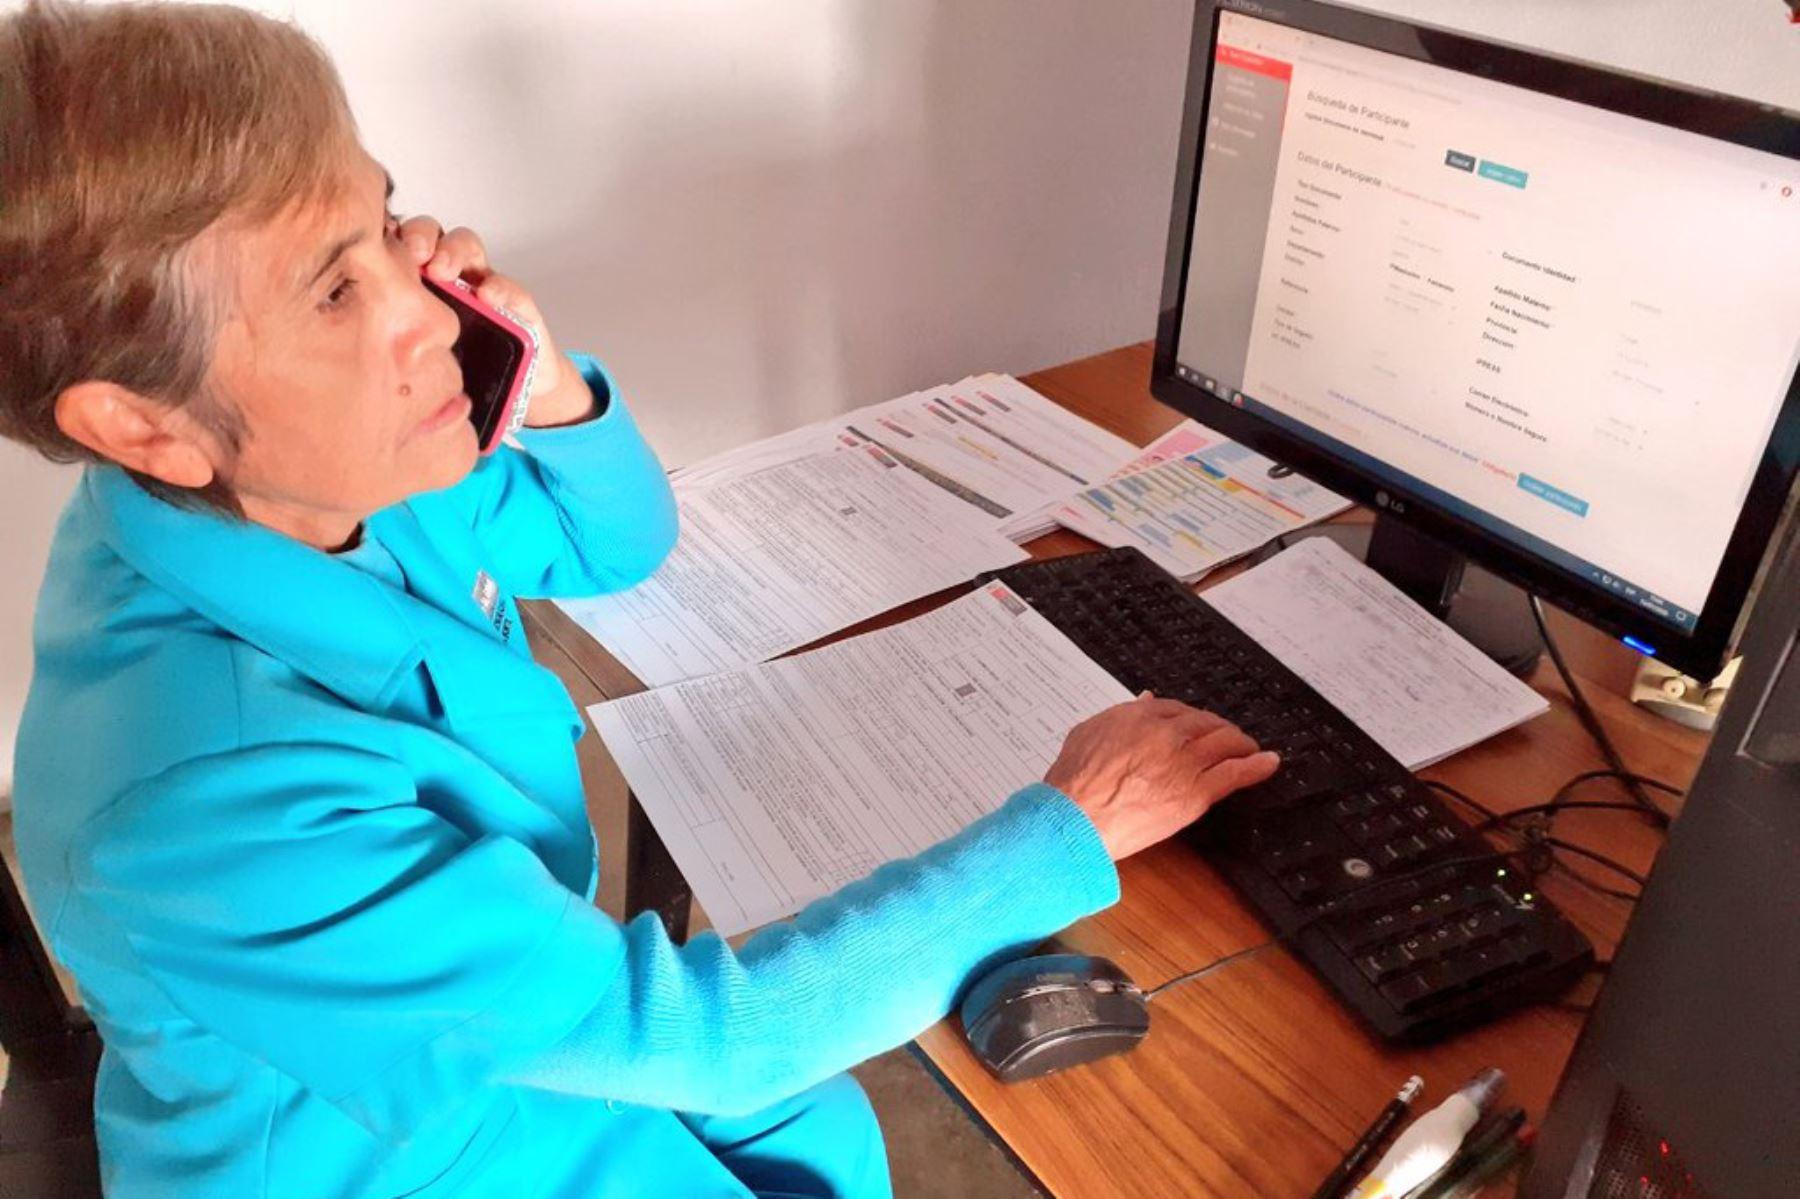 Ministerio de Salud gana el segundo puesto en premio otorgado por la  Organización Panamericana de la Salud. El proyecto ganador consiste en aplicar la Telemedicina en el  Minsa, el cual permite acercar la salud a más peruanos en tiempos de covid-19 con ayuda de la tecnología. Foto: Minsa